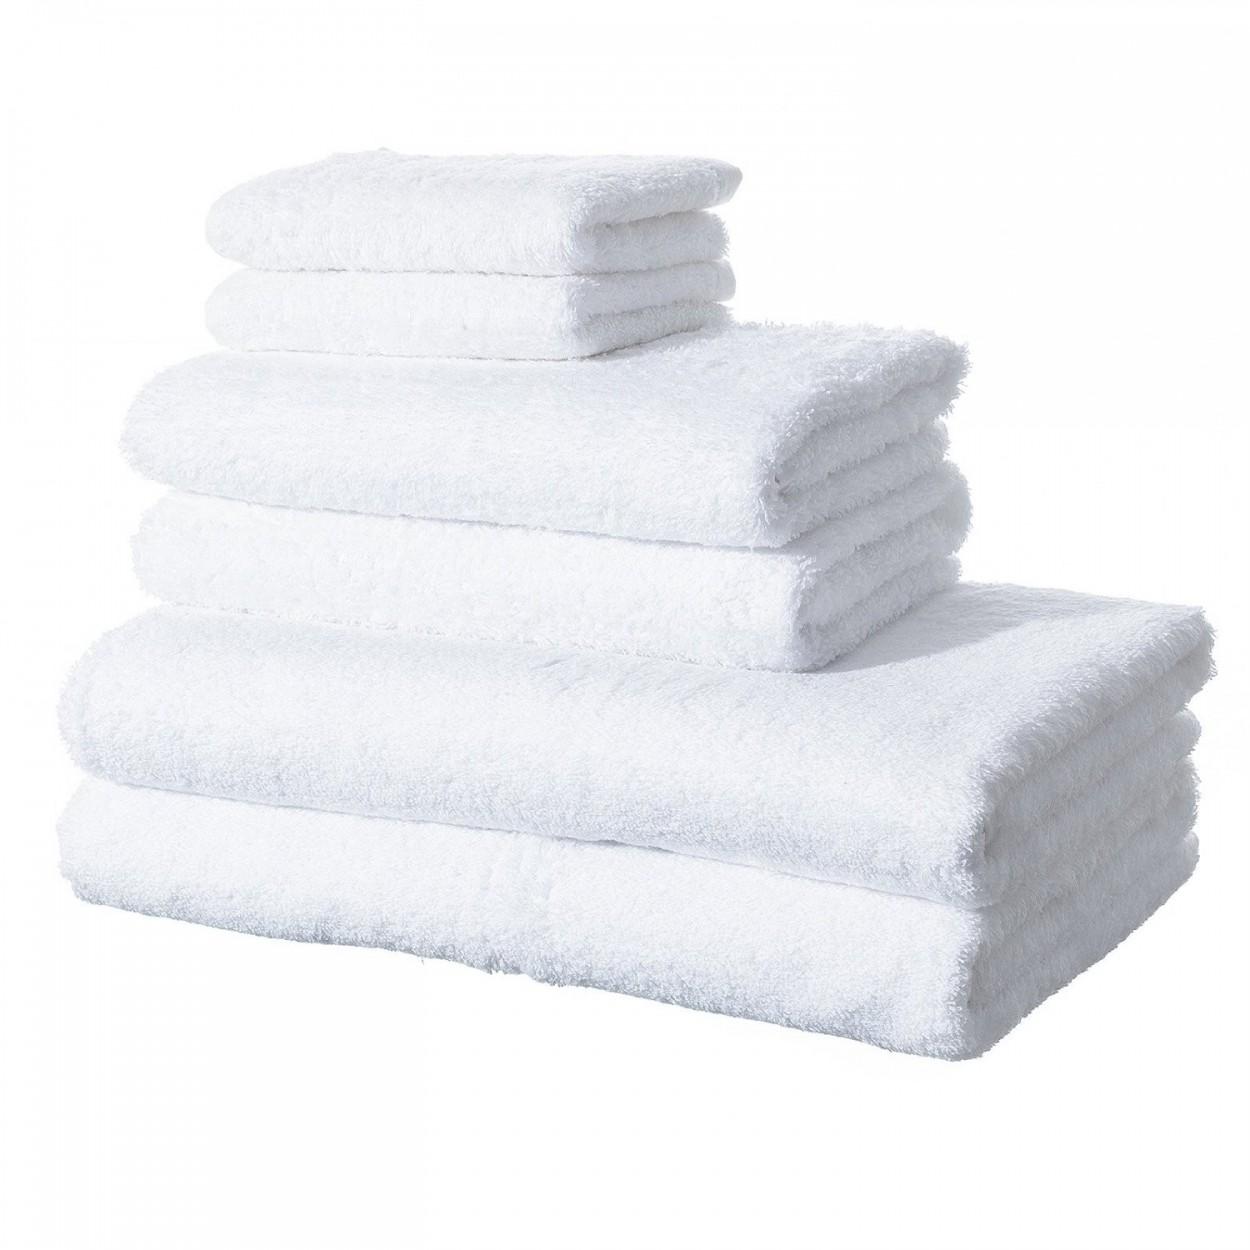 Toallas de ba o color blanco hogar y m s - Toallas para bano ...